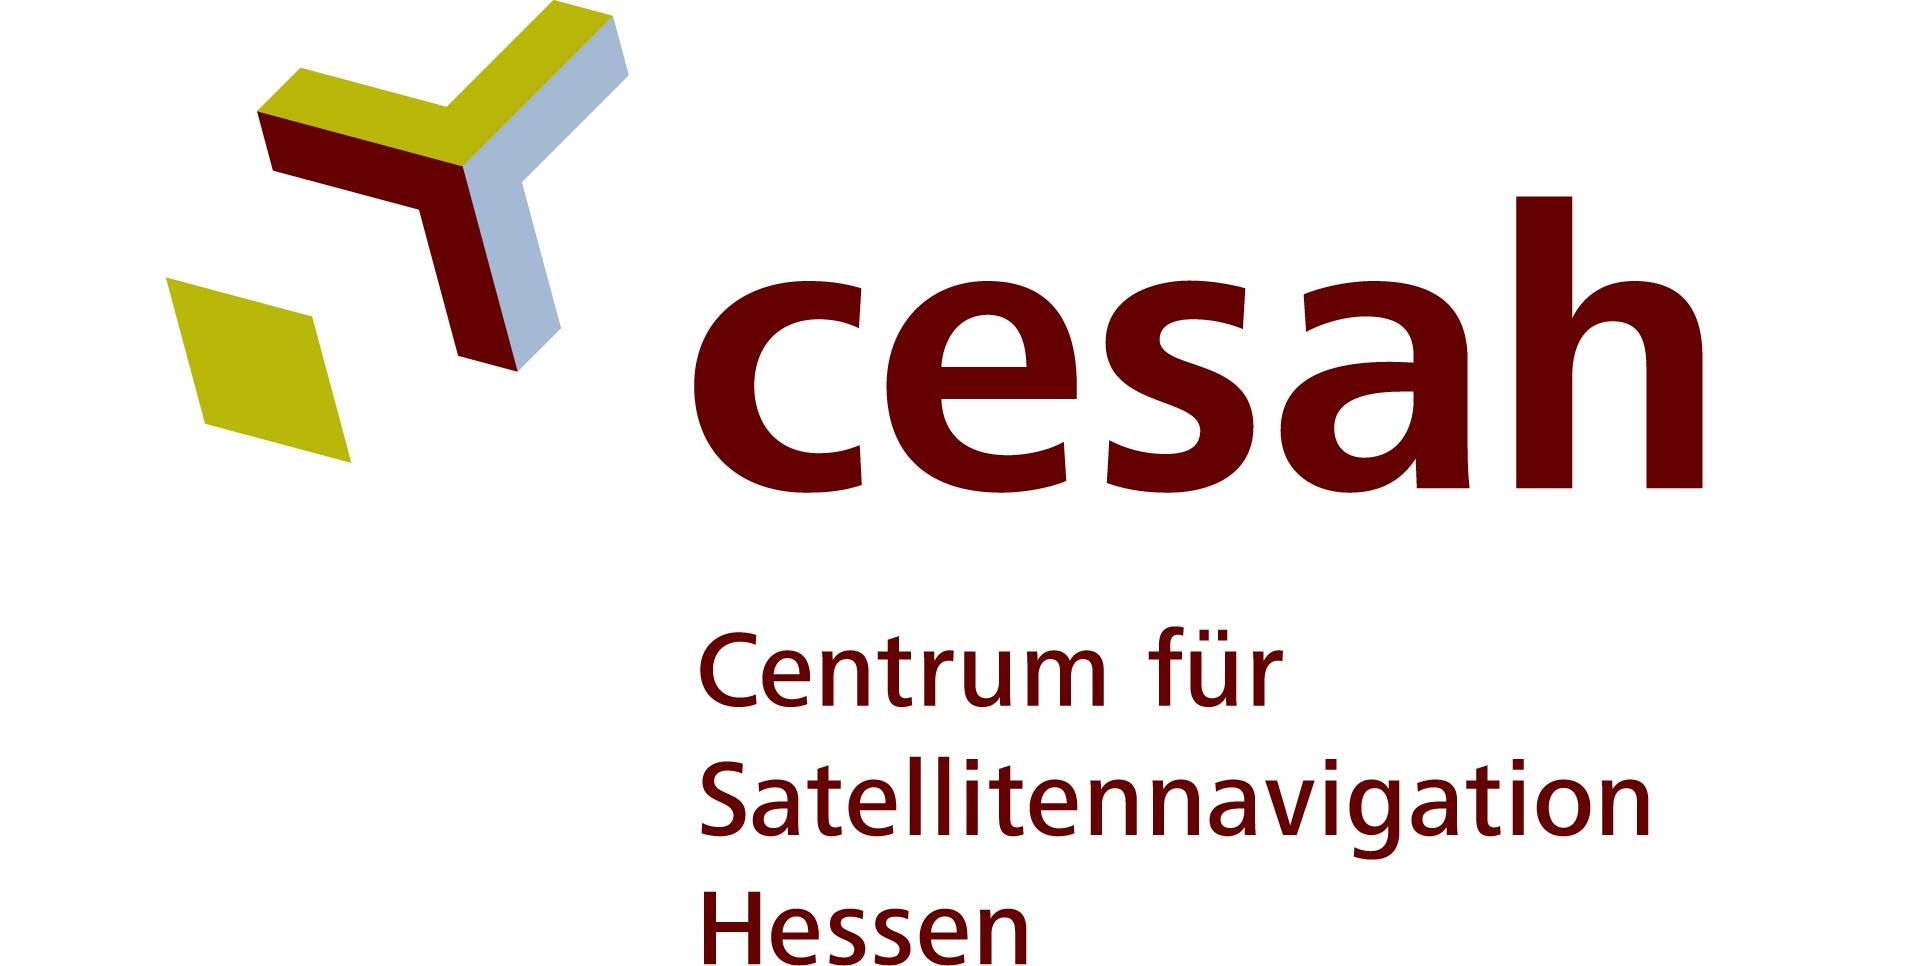 Centrum für Satellitennavigation Hessen